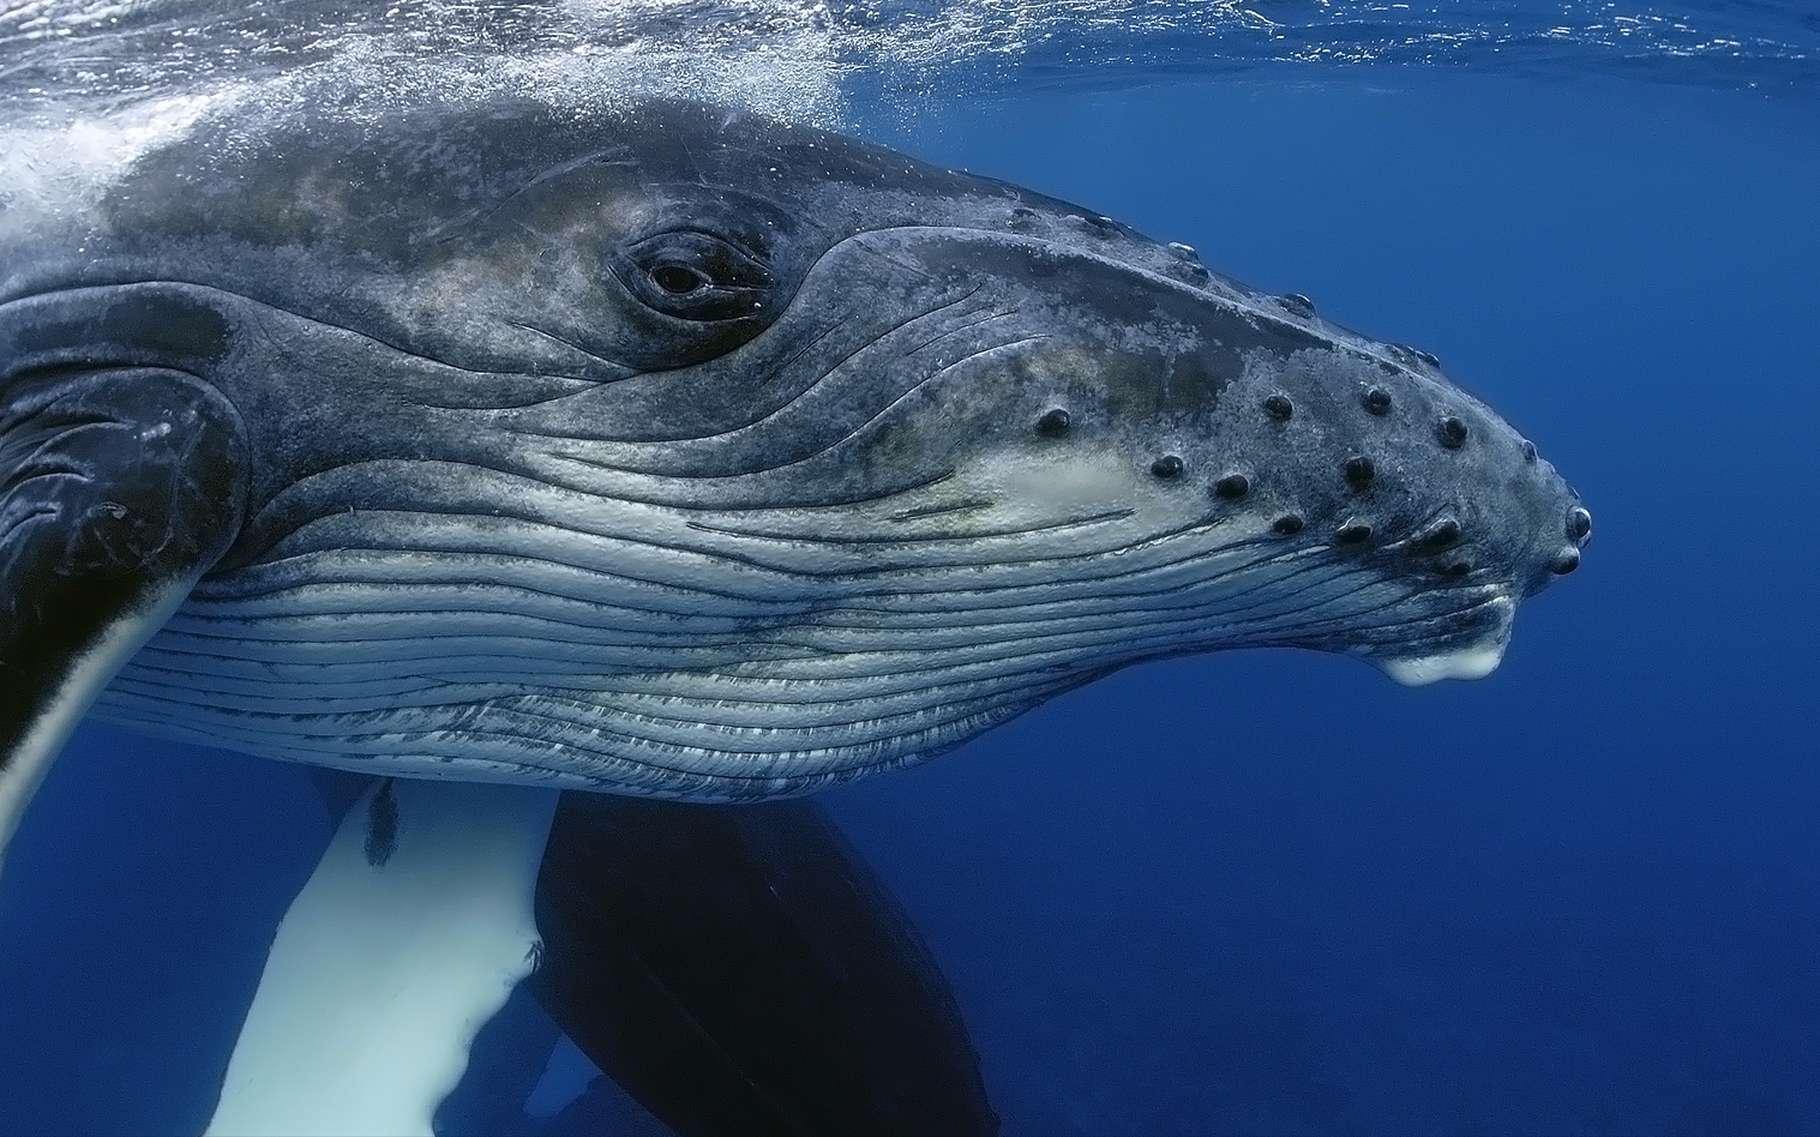 Les baleines à bosse ont un chant structuré, propre à chaque région du monde où elles se reproduisent. Par ailleurs, leur chant évolue à mesure que la baleine vieillit. © Yann hubert, Shutterstock